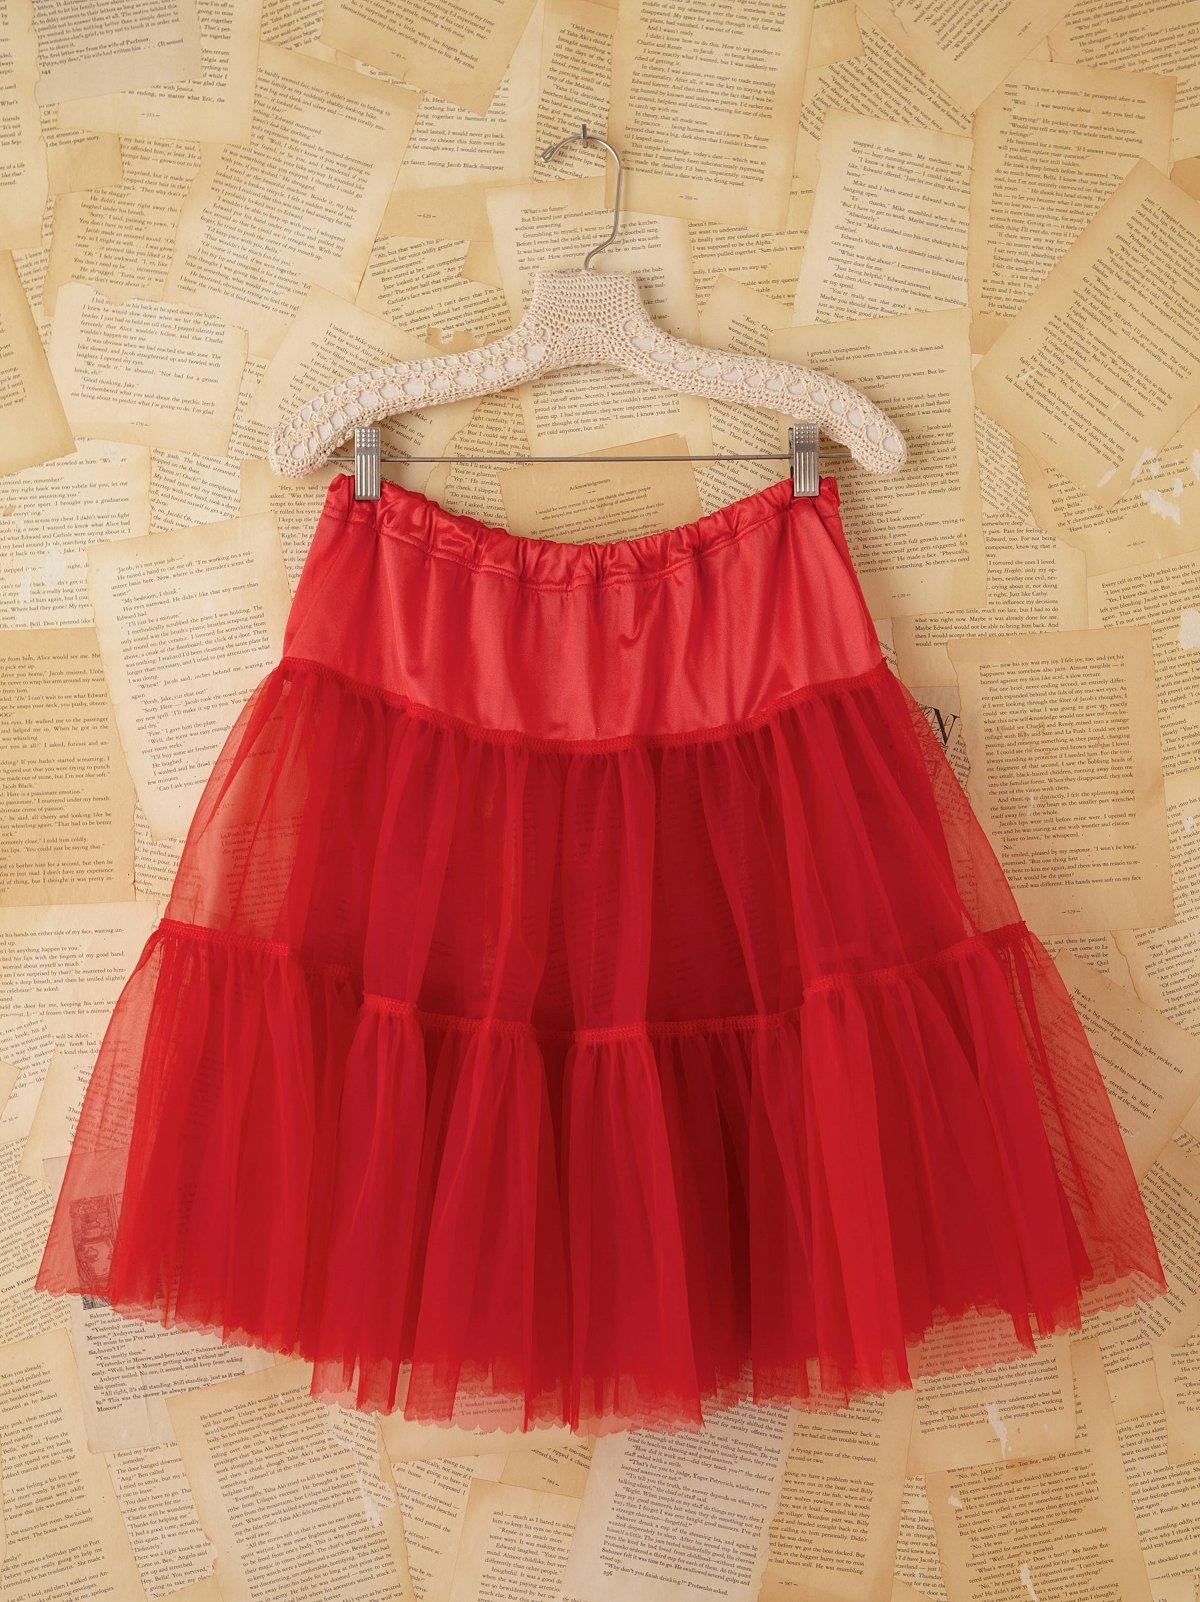 Vintage Red Tulle Slip Skirt